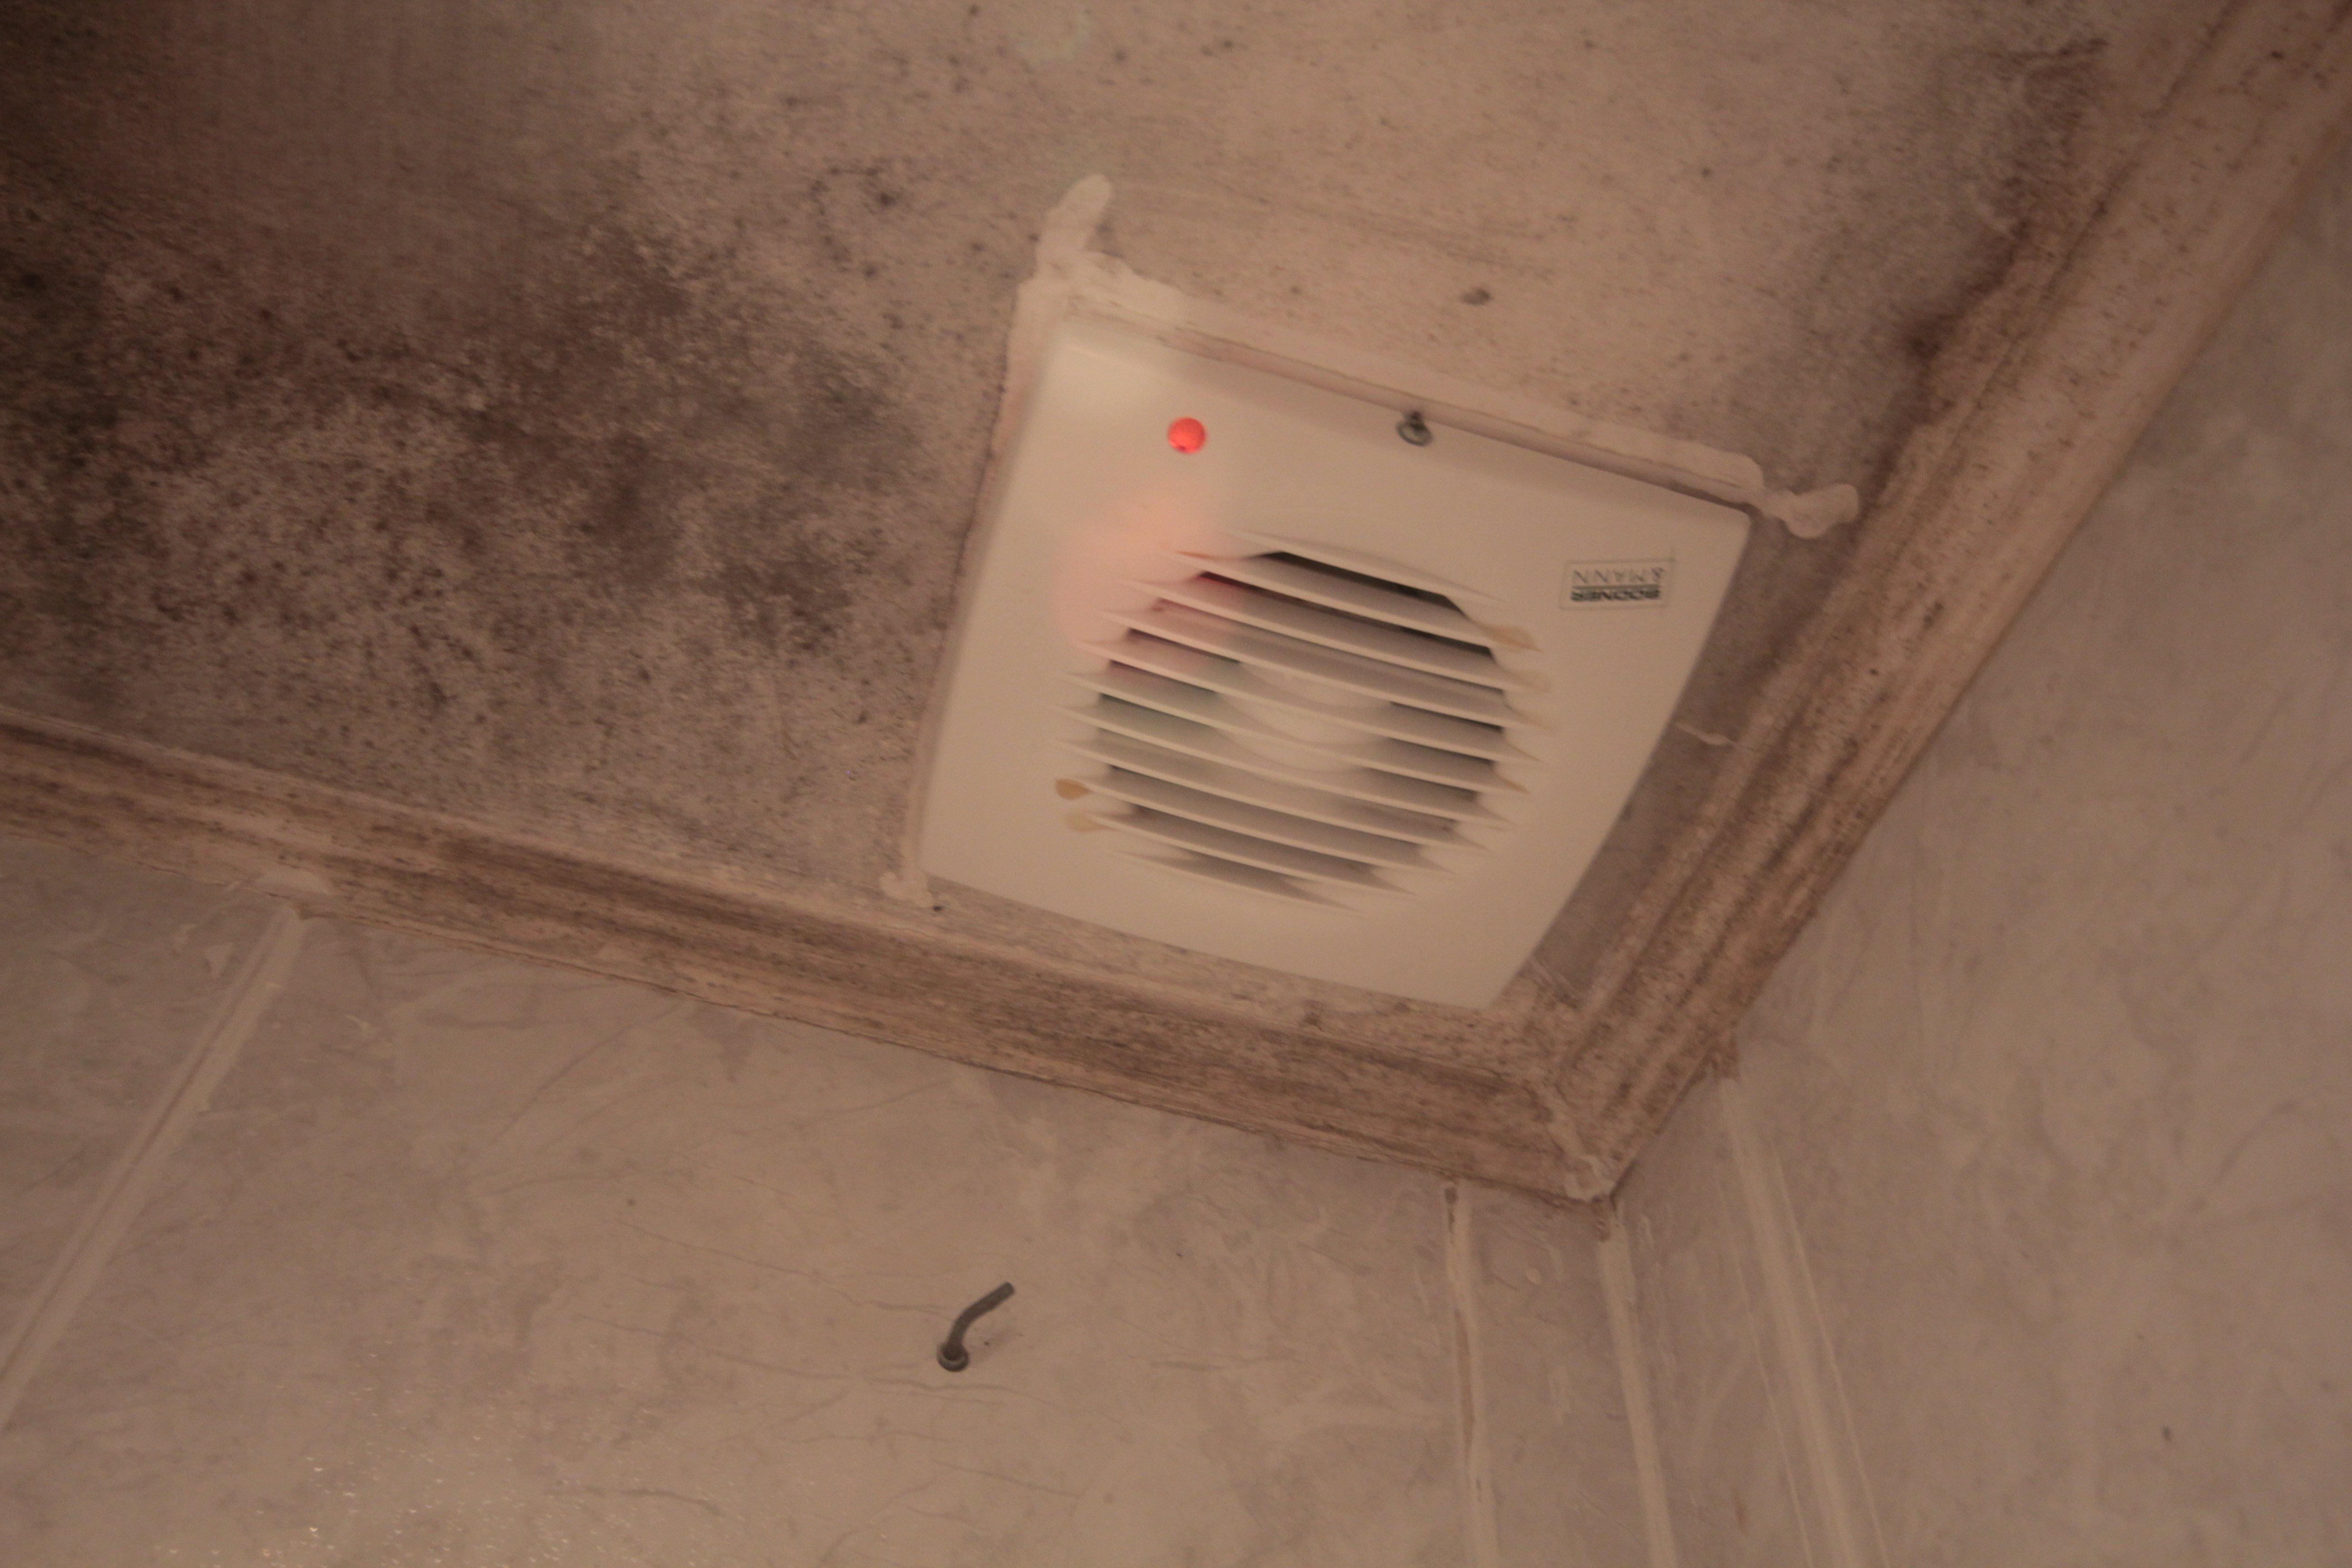 Bathroom-mold